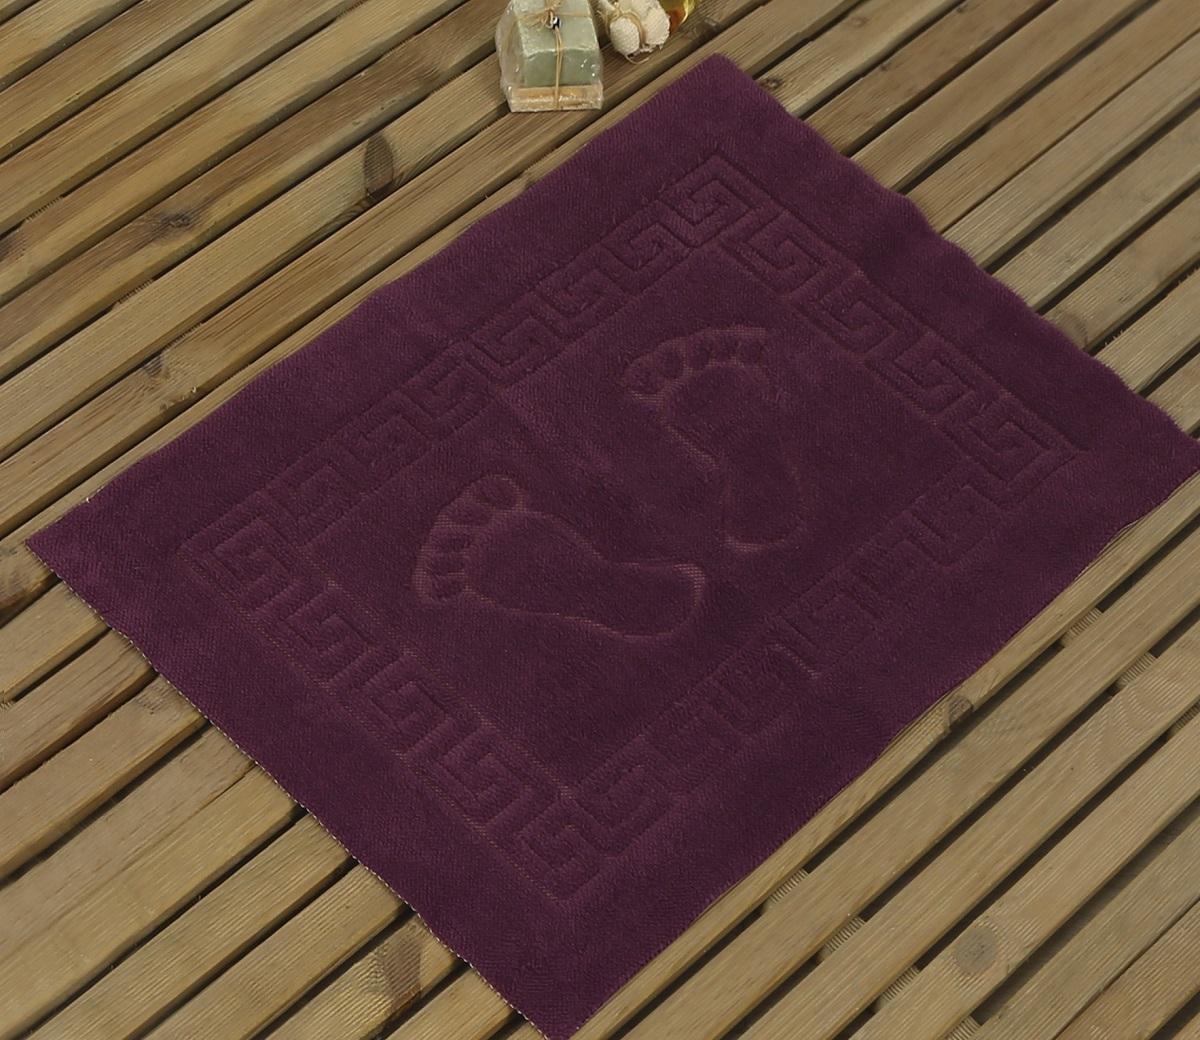 Коврик для ванной Karna Likya , цвет: фиолетовый, 50 х 70 см631/CHAR013Коврик печатный Karna сделан из 100% полиэстера. Полиэстер является синтетическим волокном. Ткань, полностью изготовленная из полиэстера, даже после увлажнения, очень быстро сохнет. Коврик из полиэстера практически не требователен к уходу и обладает высокой устойчивостью к износу.Коврик из полиэстера не мнётся и легко стирается, после стирки очень быстро высыхает. Материал очень прочный, за время использования не растягивается и не садится. А так же обладает высокой влагонепроницаемостью.Размер: 50 х 70 см.